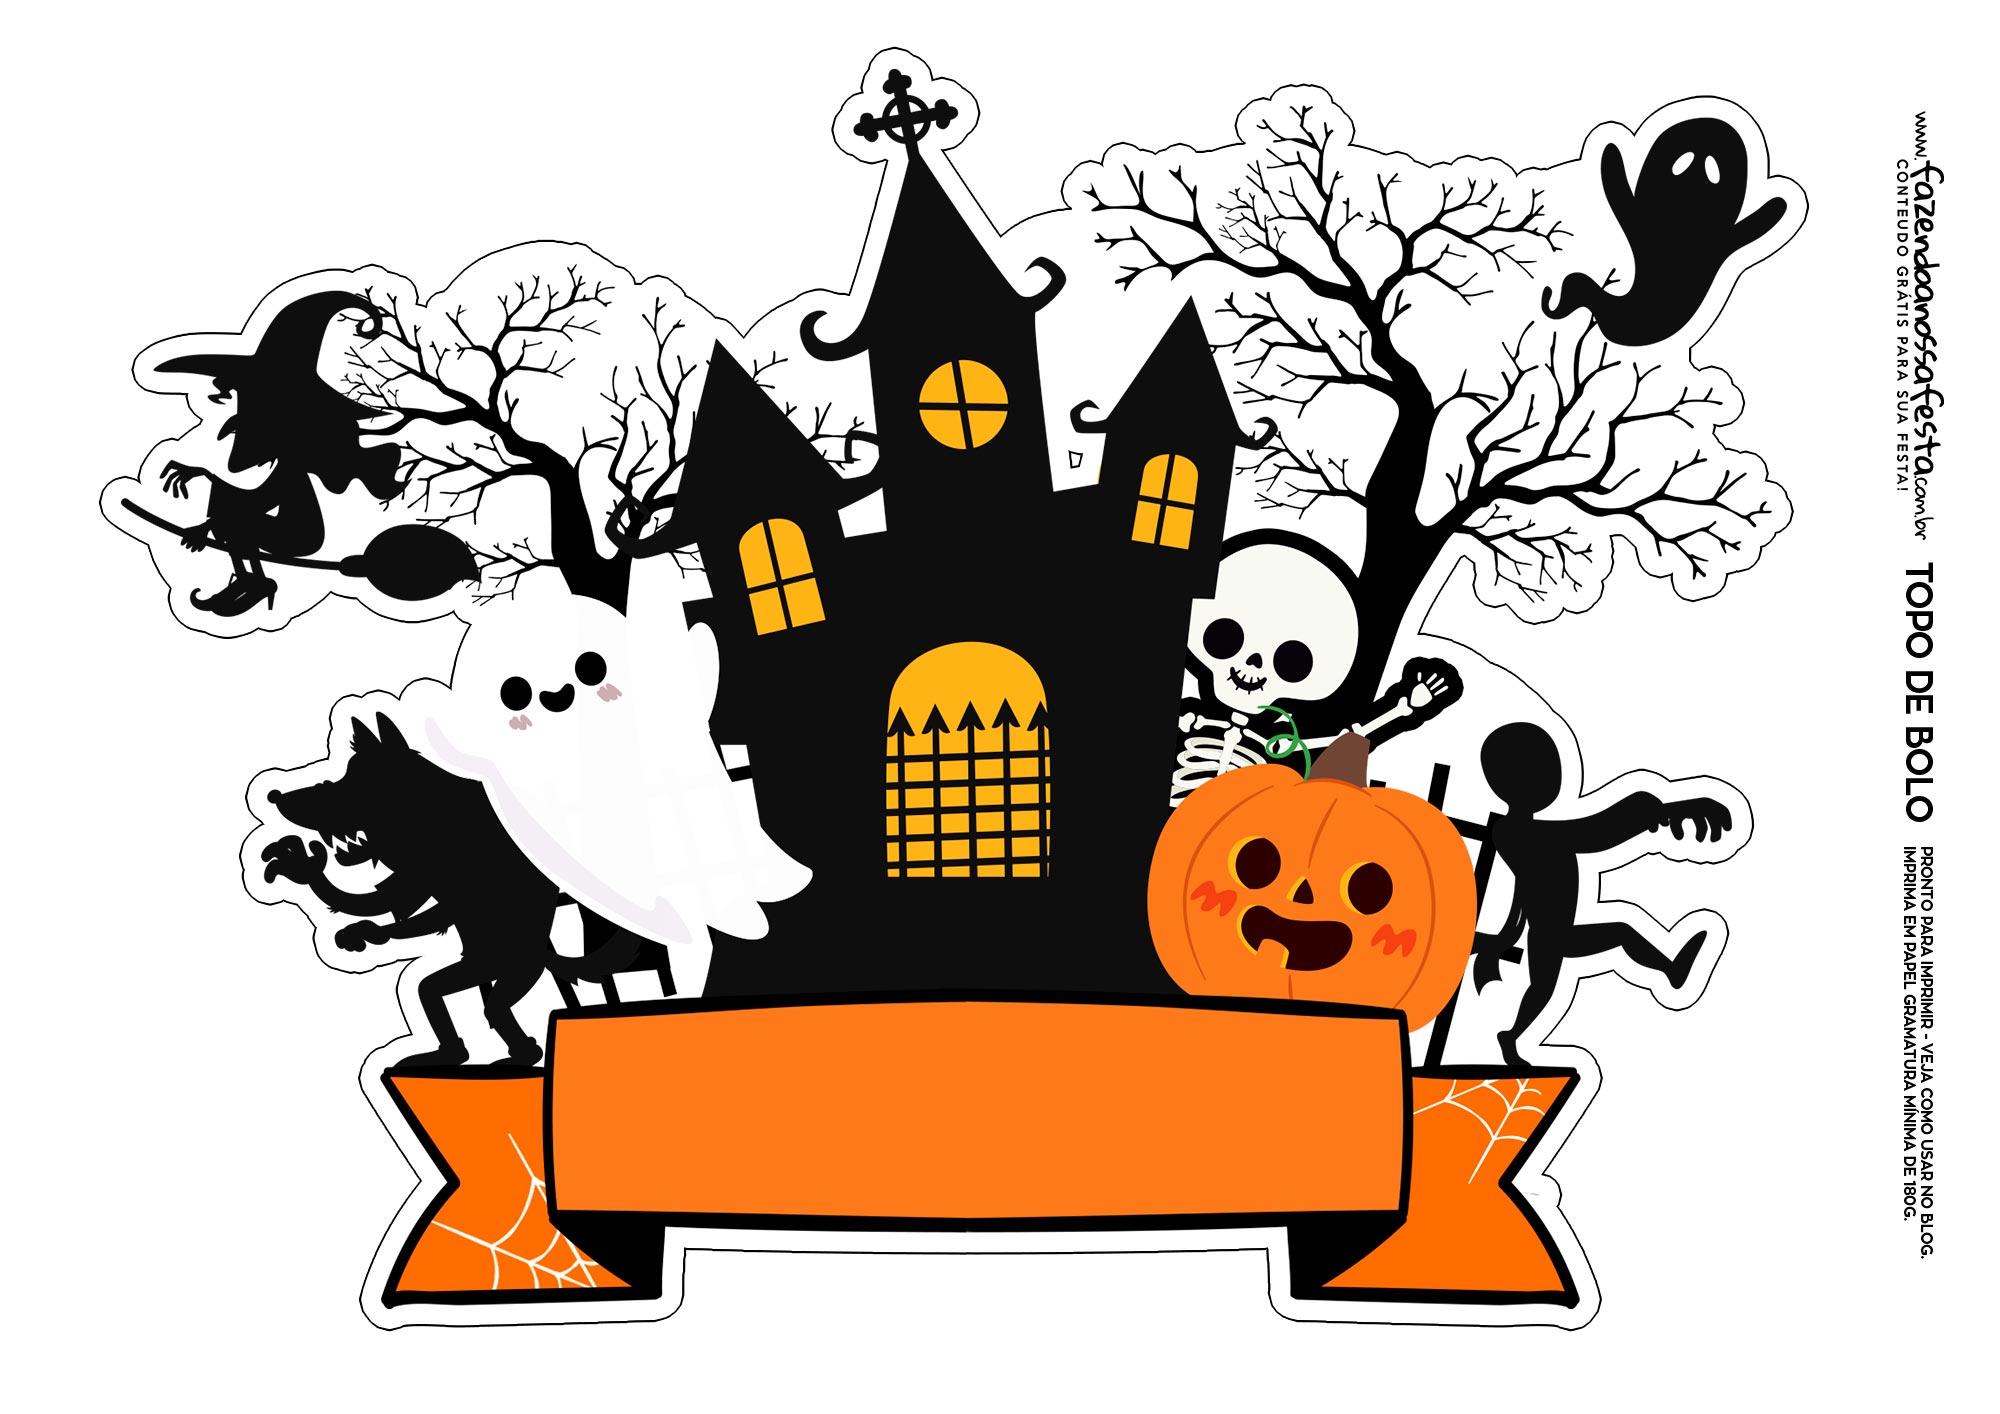 Topo de bolo Halloween 1